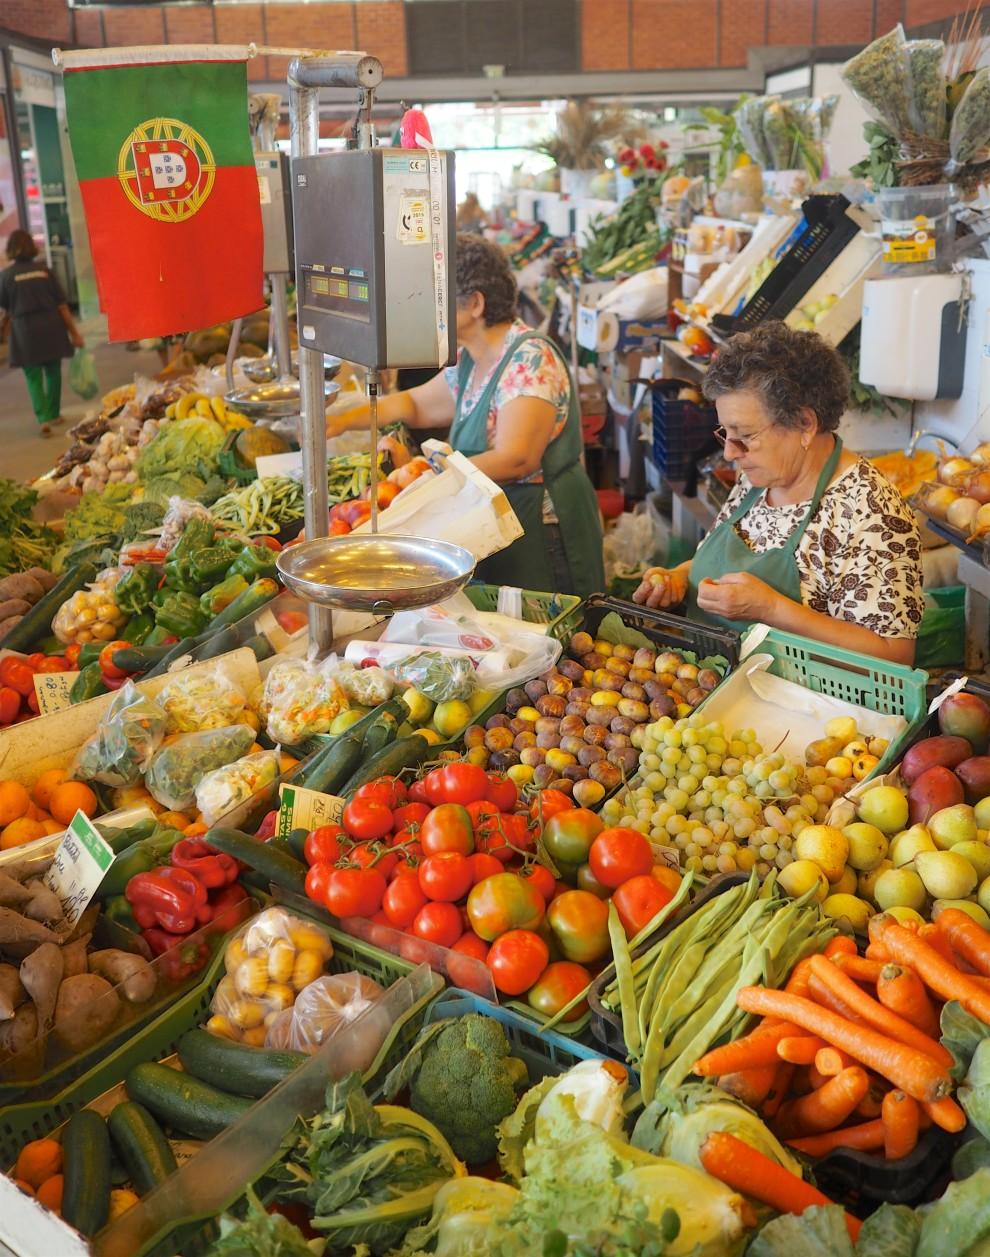 THE ALGARVE IN WINTER Olhão market